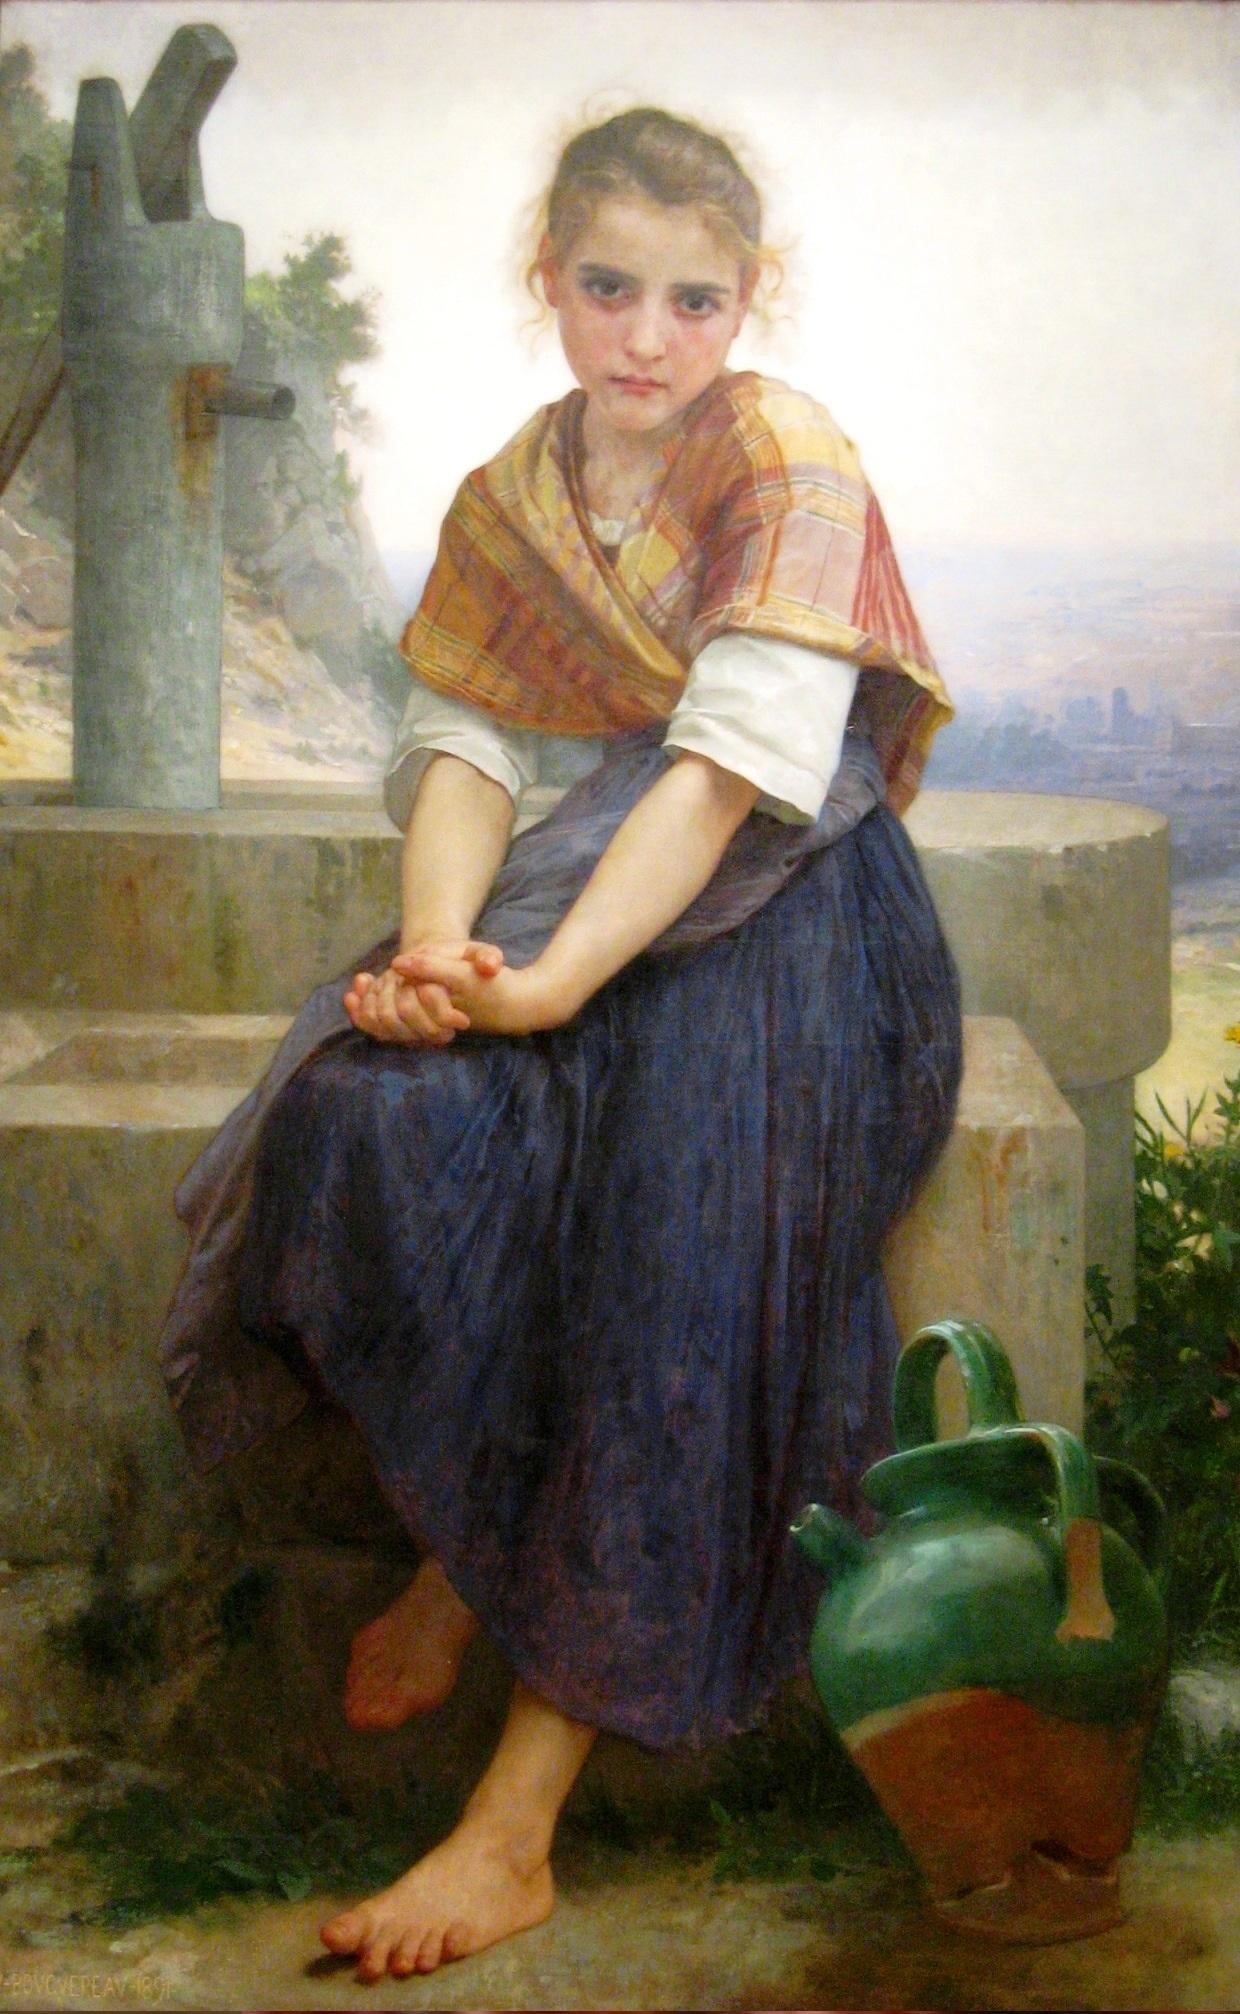 Разбитый кувшин 1891, Музей изящных искусств, Сан-Франциско Bouguereau-_The_Broken_Pitcher_(2210455309) - 1.jpg